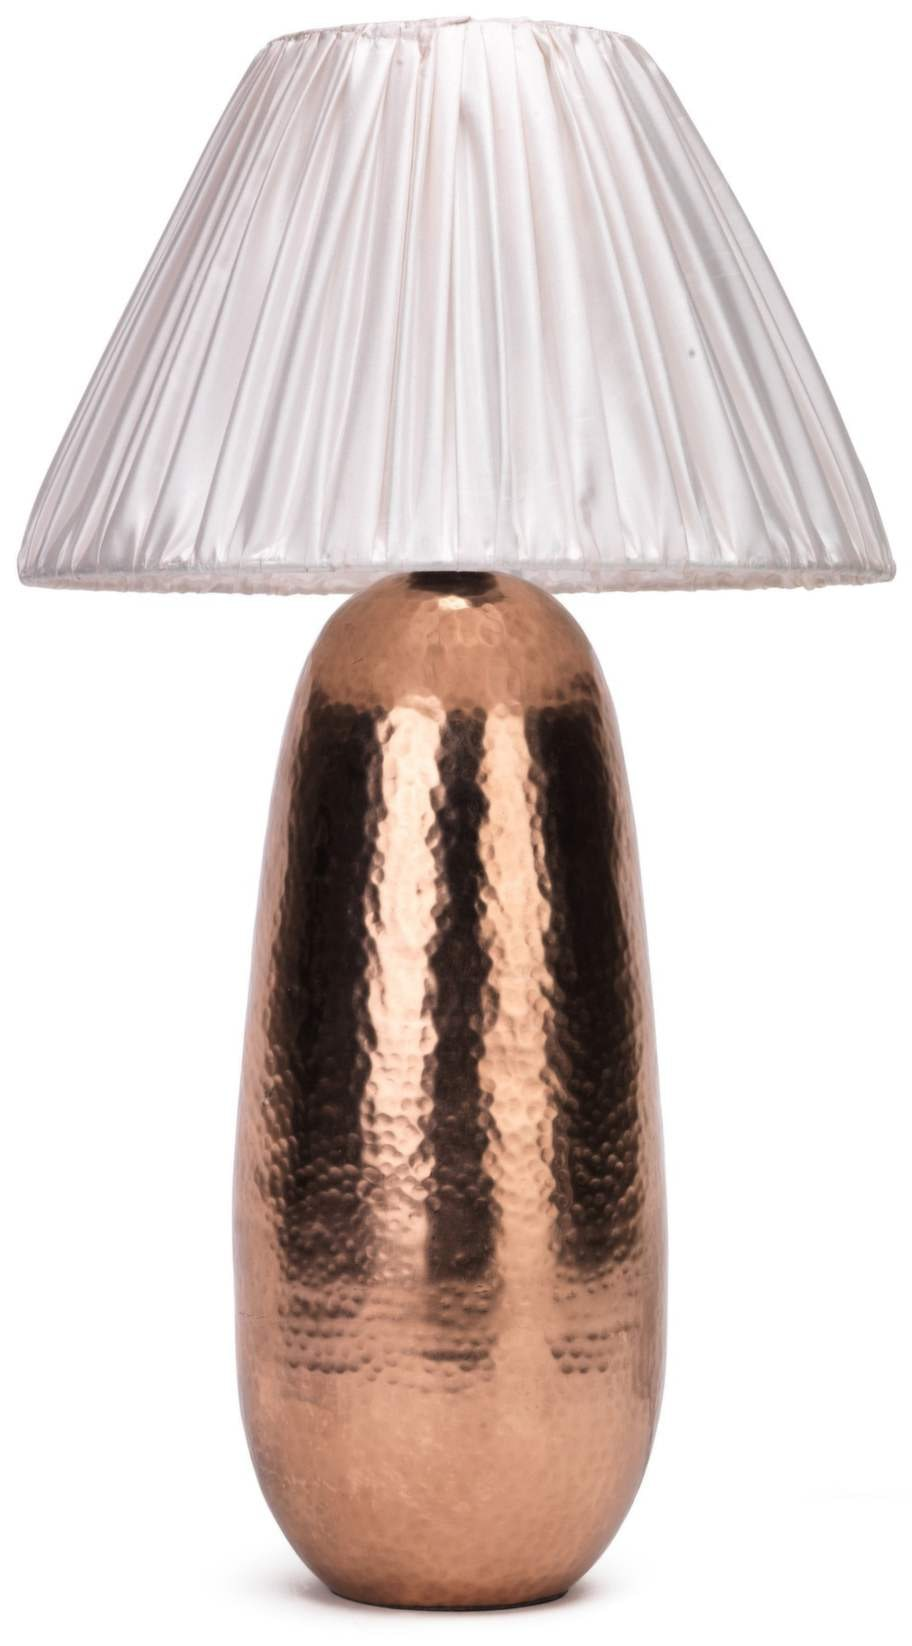 5. Koppar. Lampan Dagg, fot av hamrad koppar, tygskärm, höjd 38 centimeter. 999 kronor, EM.